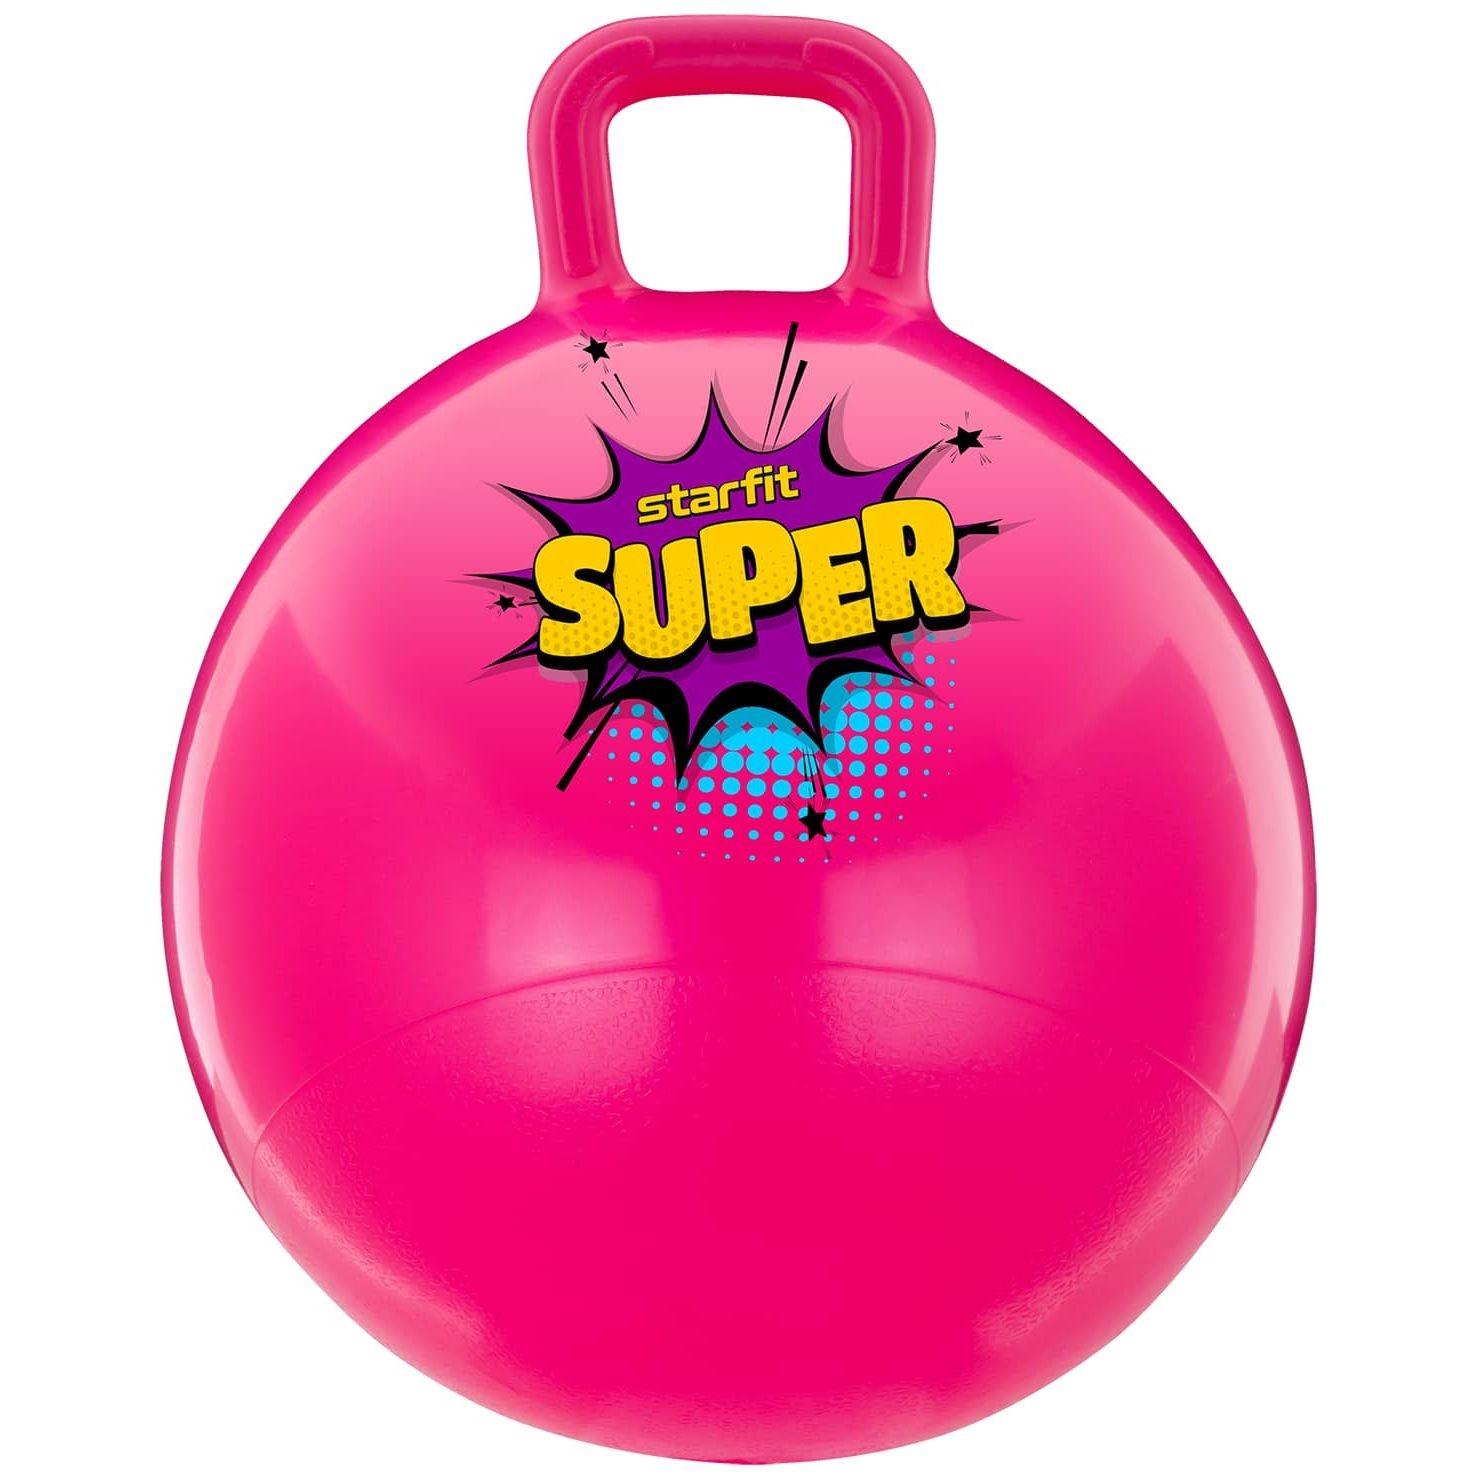 Мяч-попрыгун GB-0401, SUPER, 45 см, 500 гр, с ручкой, розовый, антивзрыв